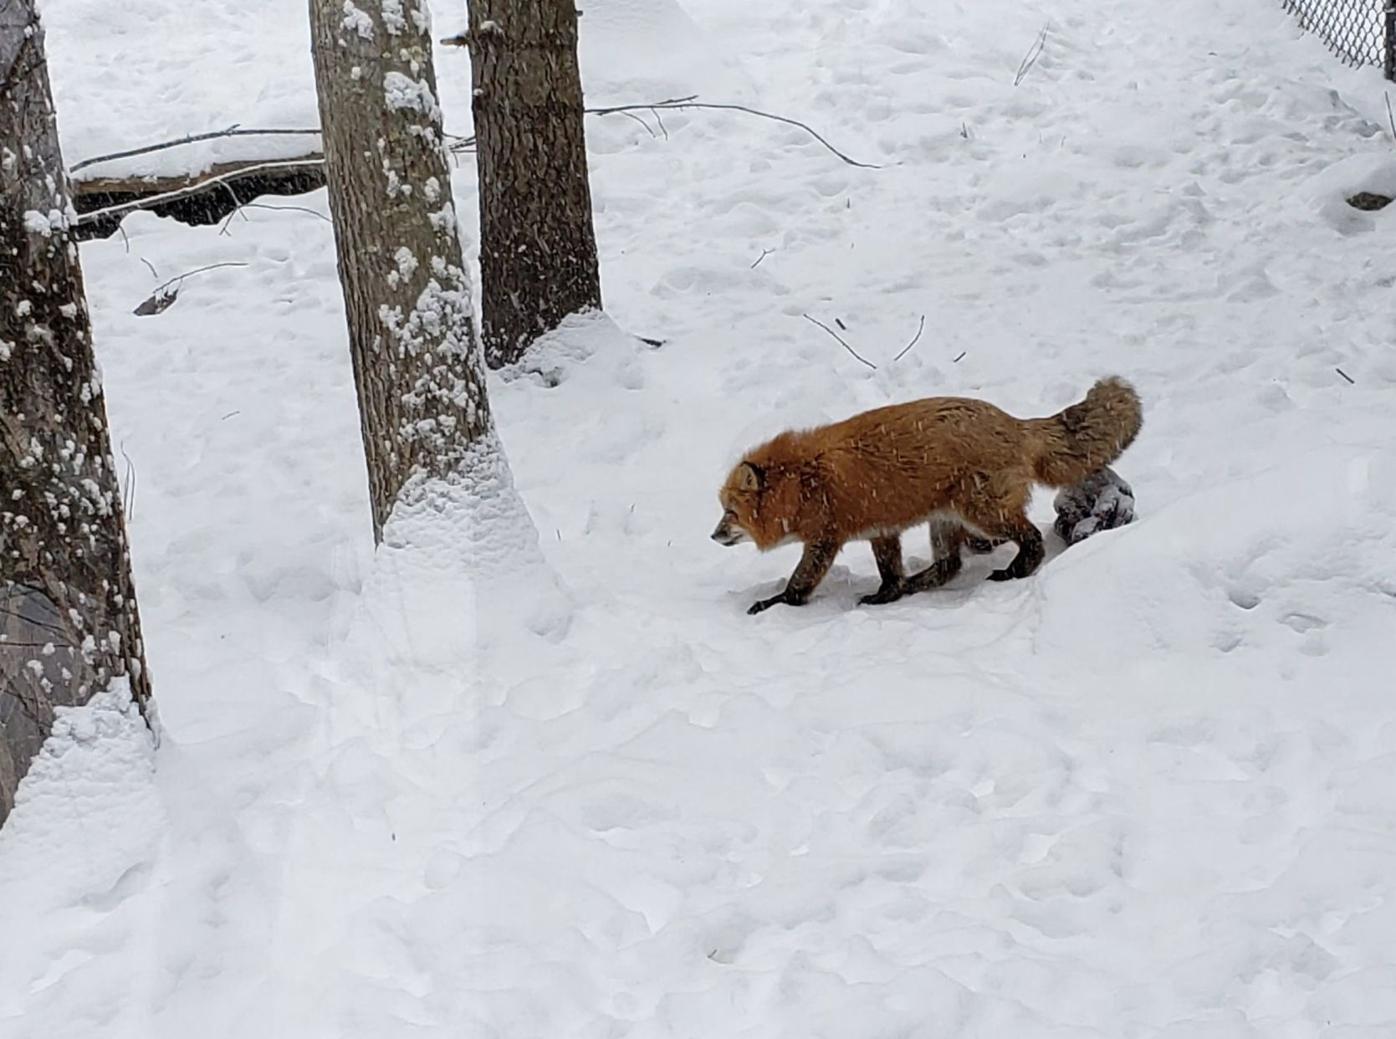 Red fox in winter coat